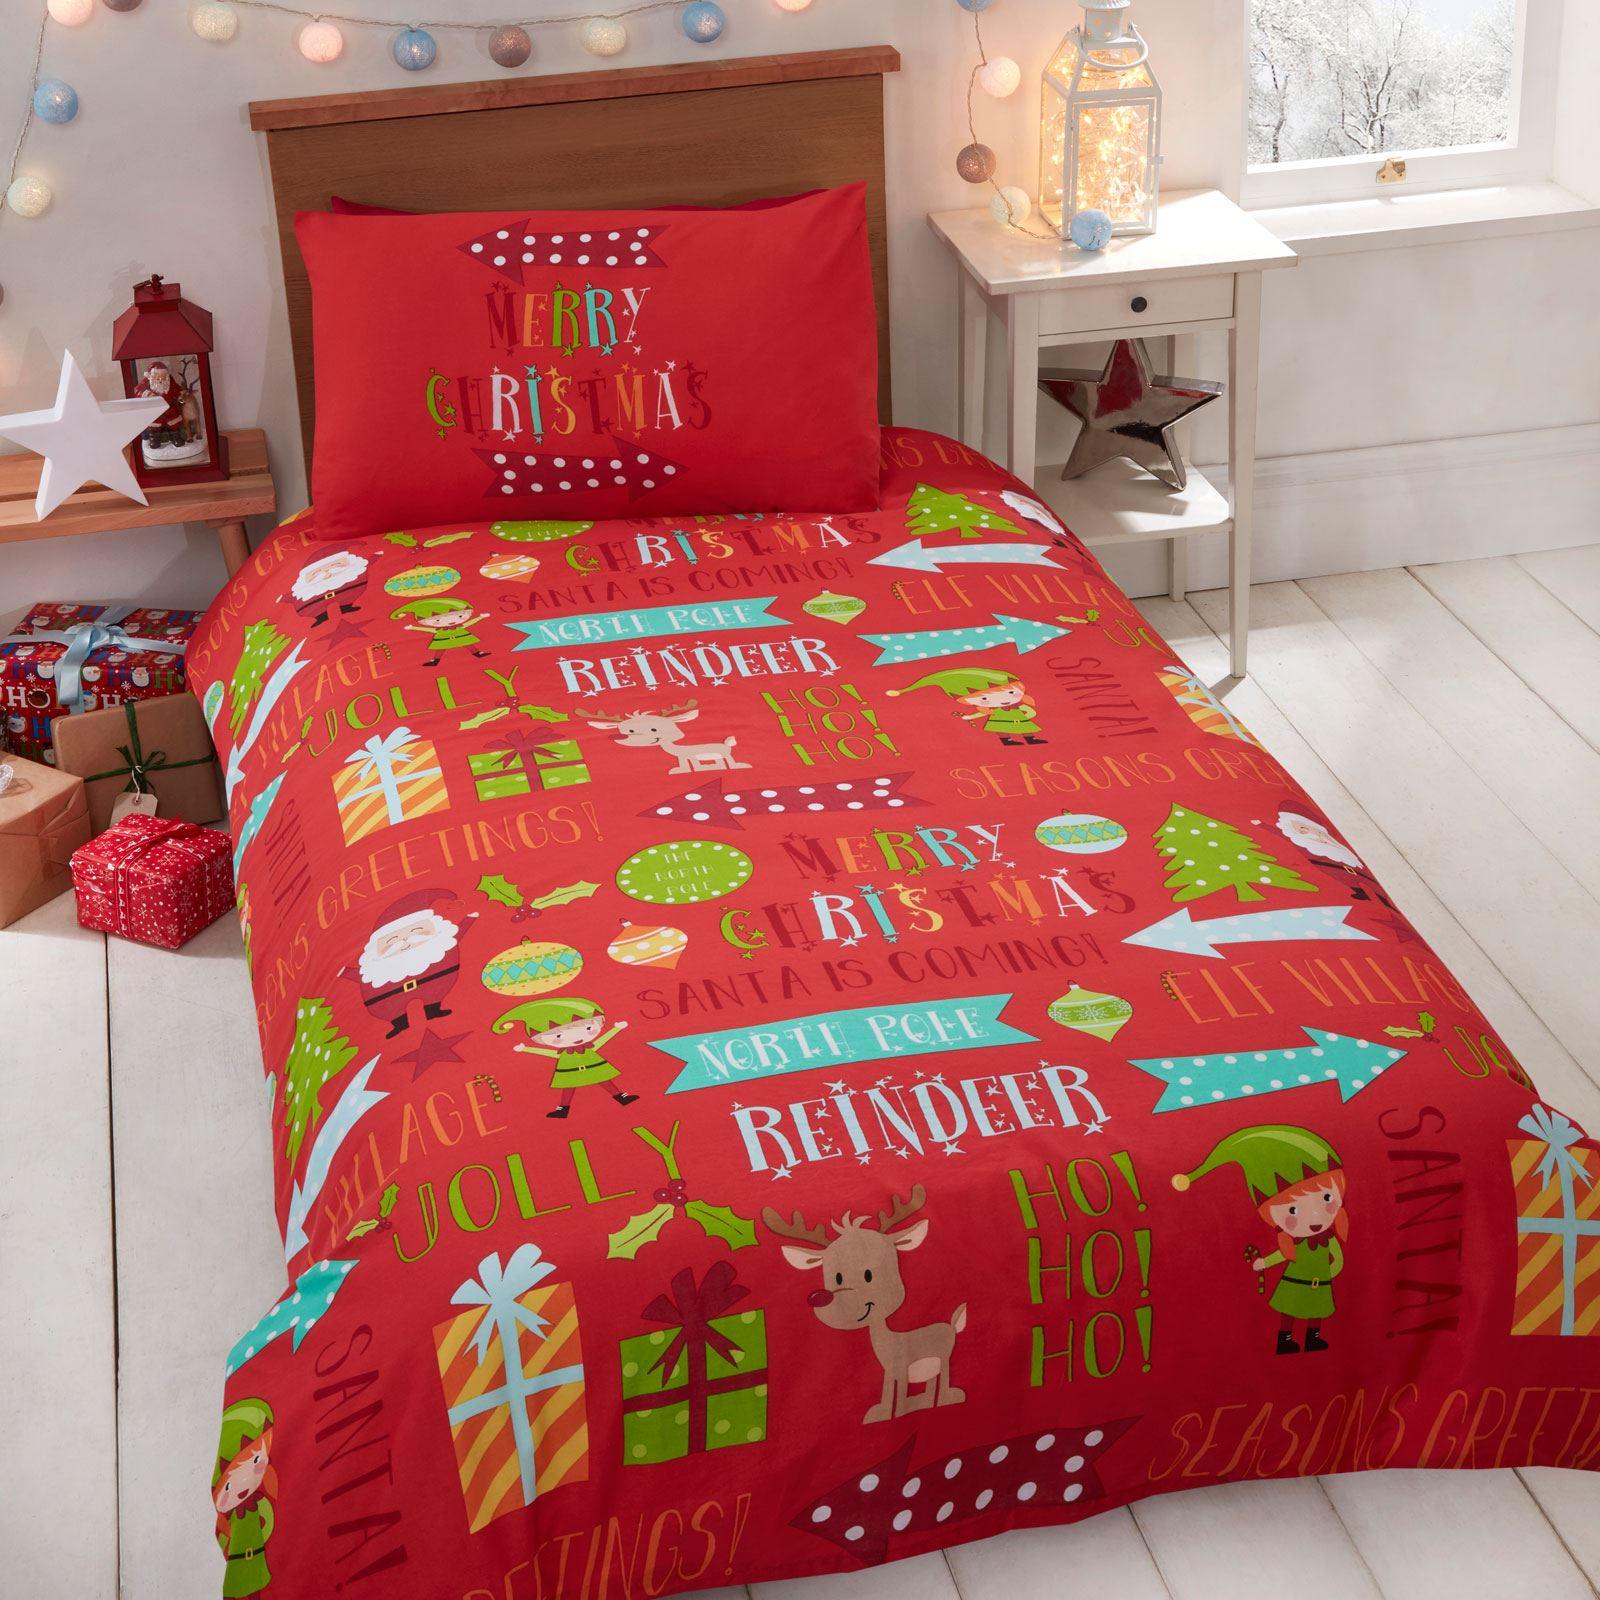 Indexbild 14 - Kinder Weihnachten Bettbezug Sets - Junior Einzel Doppel King - Elf Emoji Grinch